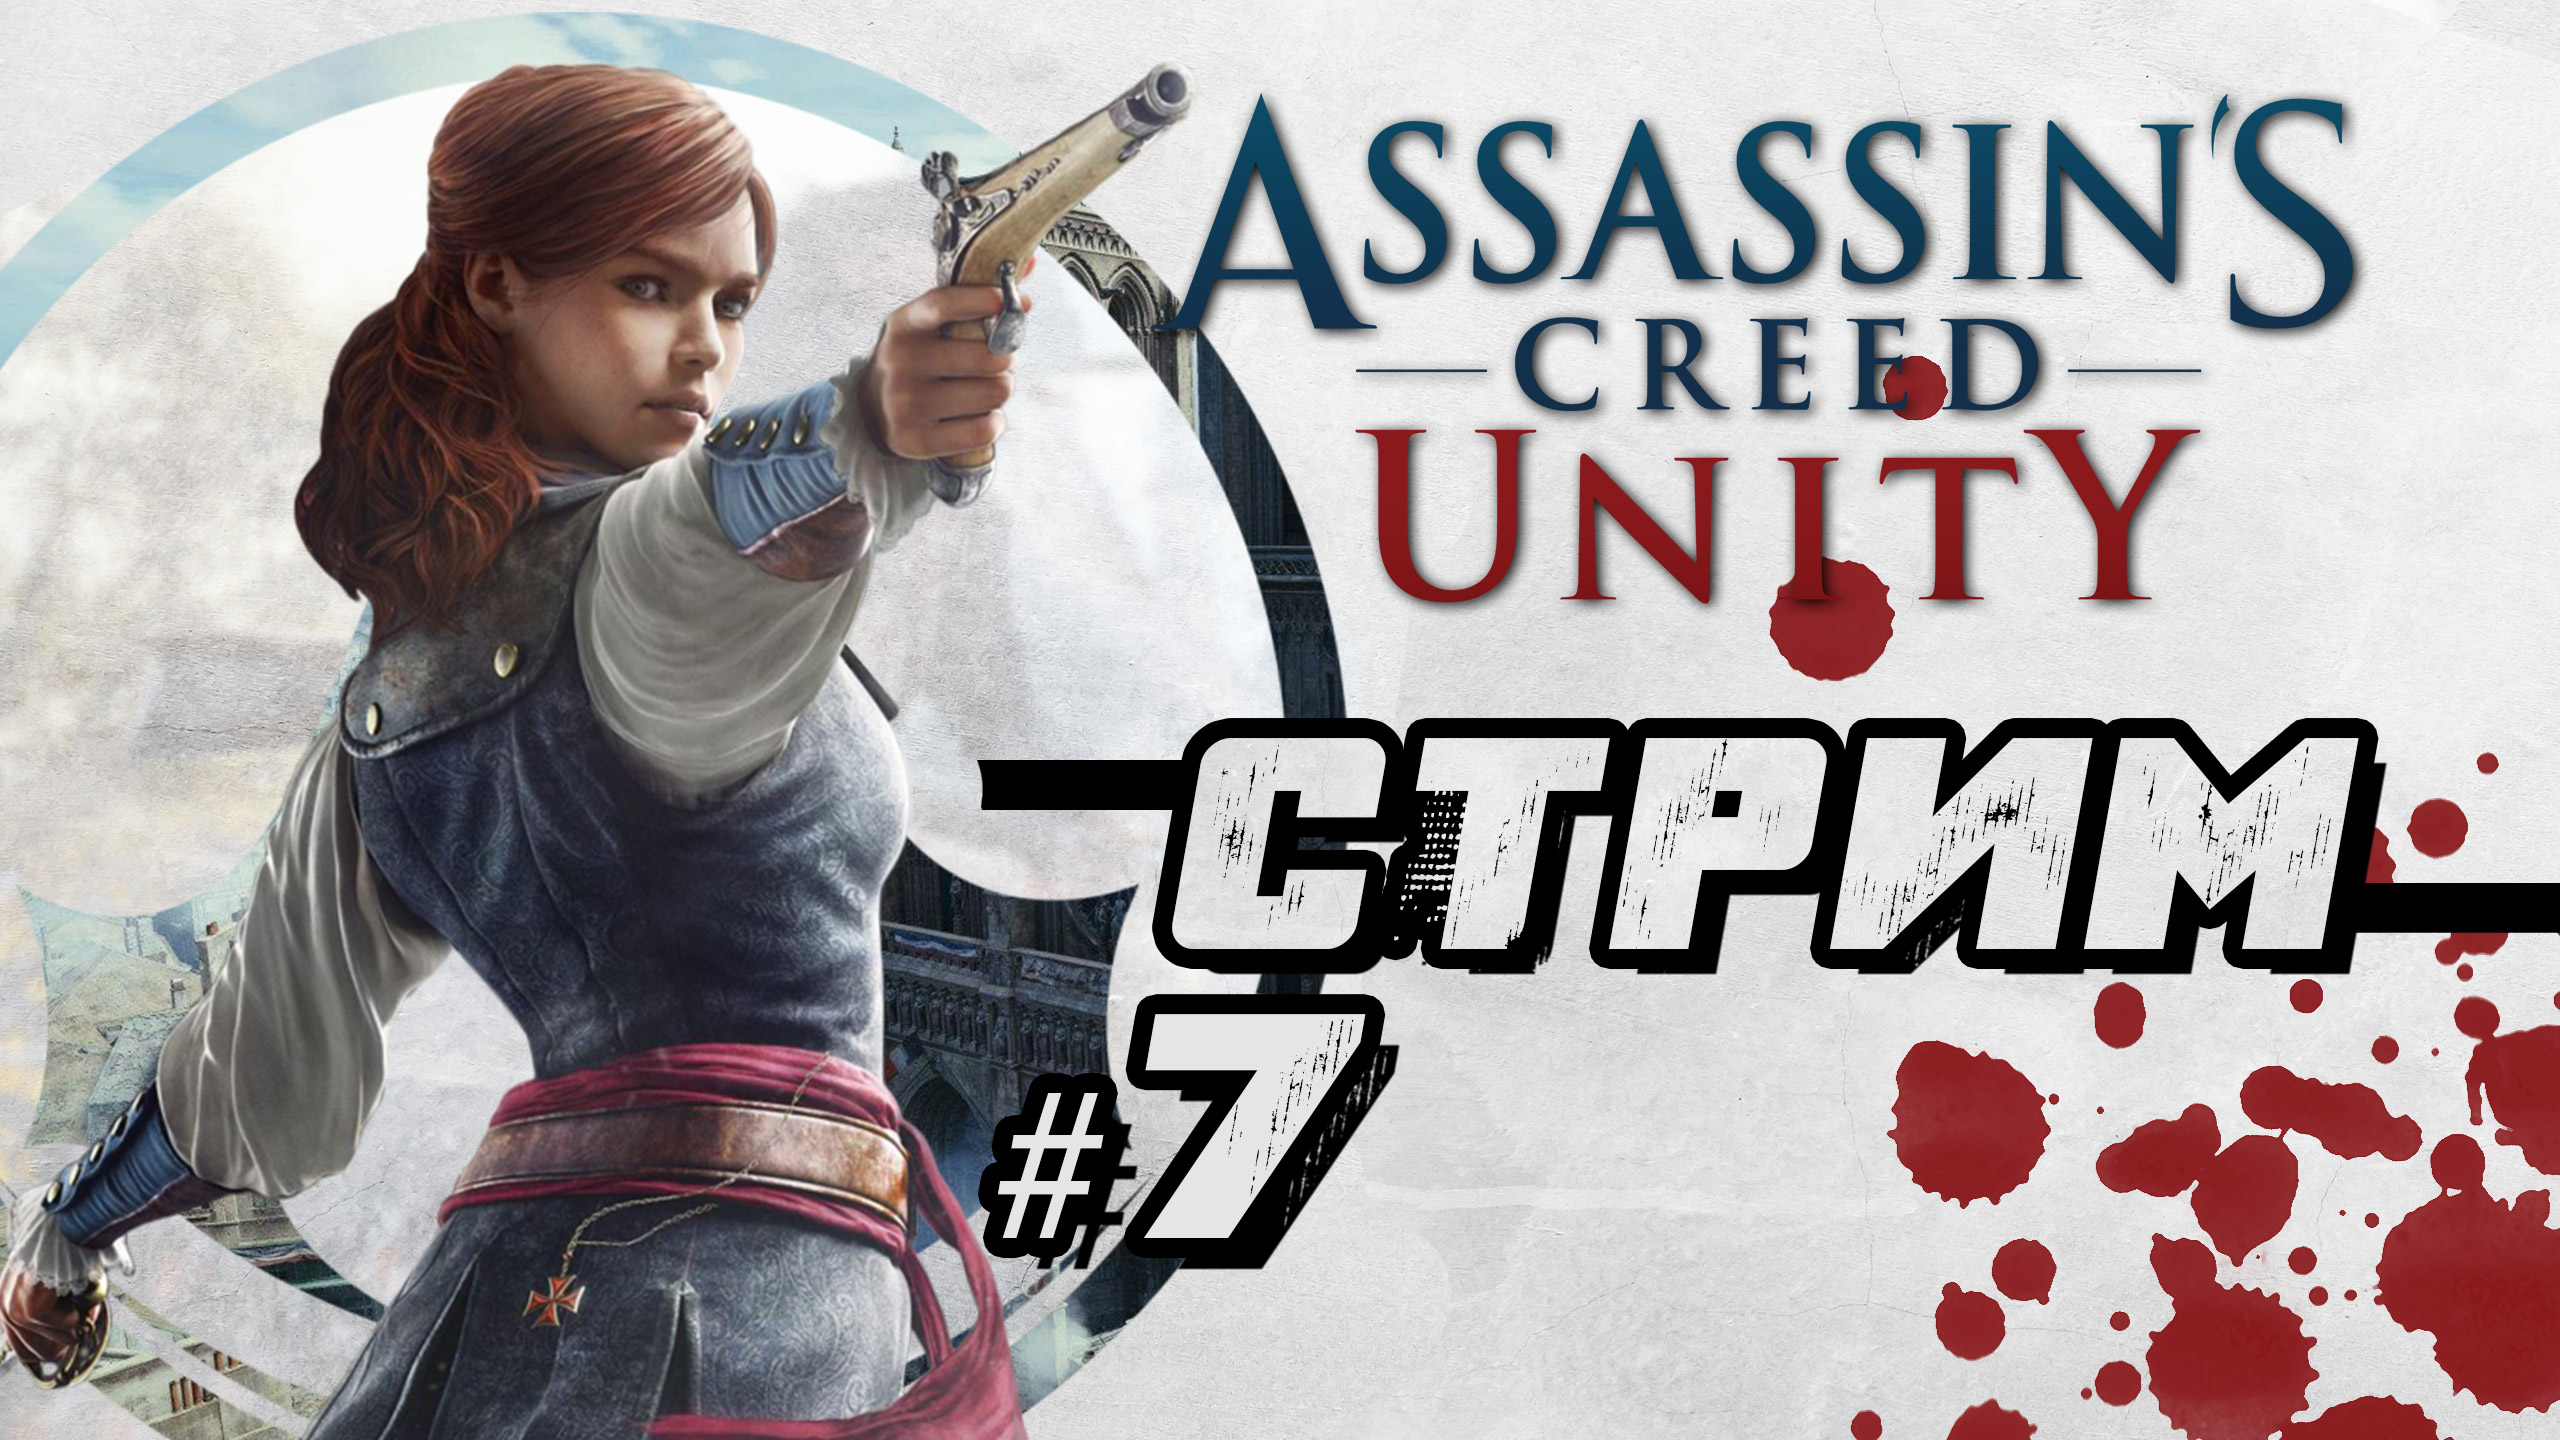 Assassins Creed Unity - Якобинский клуб, стрим часть 7